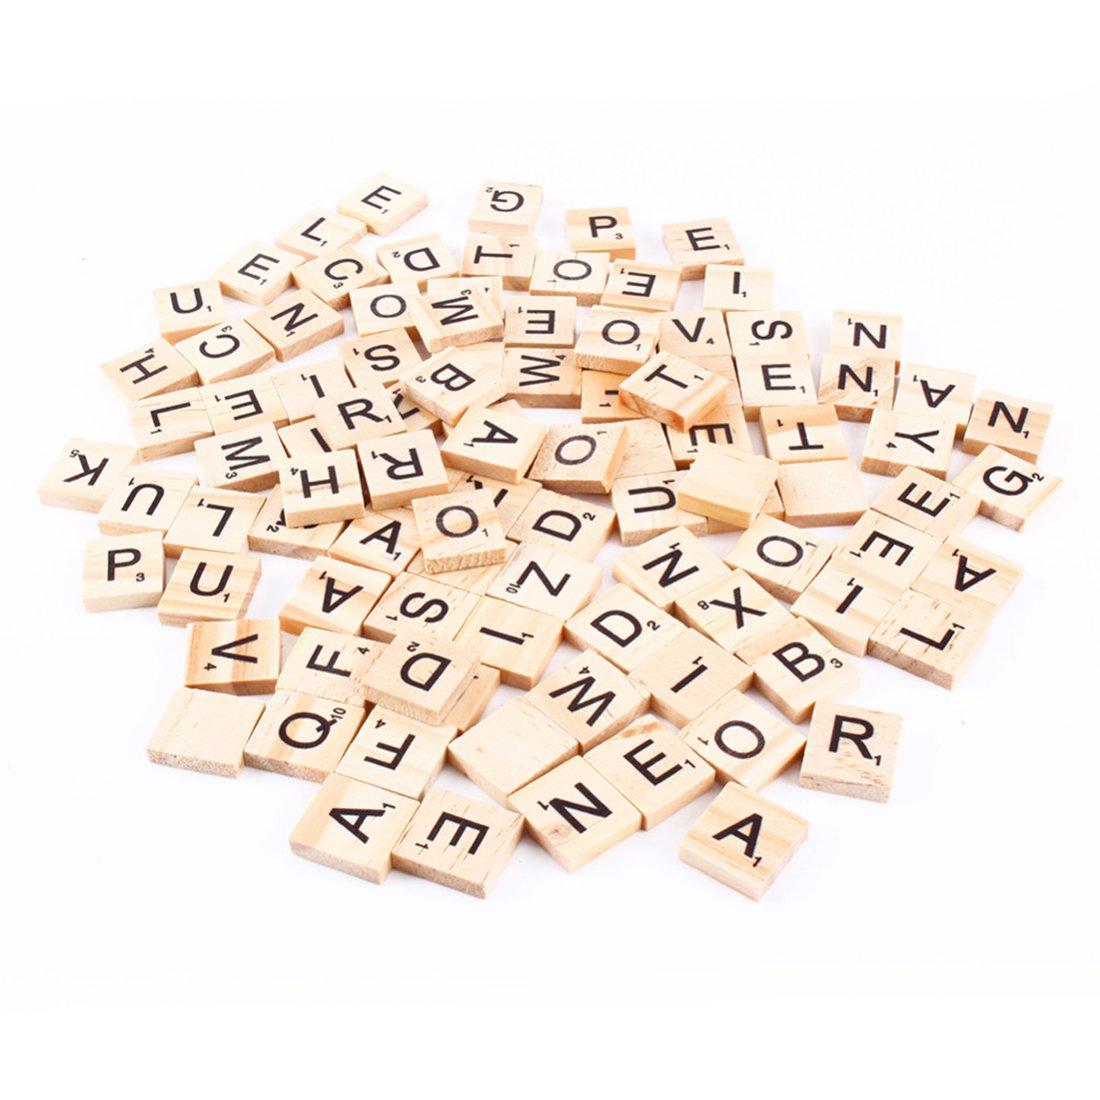 100 Scrabble-Buchstabensteine aus Holz, Buchstaben und Zahlen, kreatives Gestalten Luwu-Store